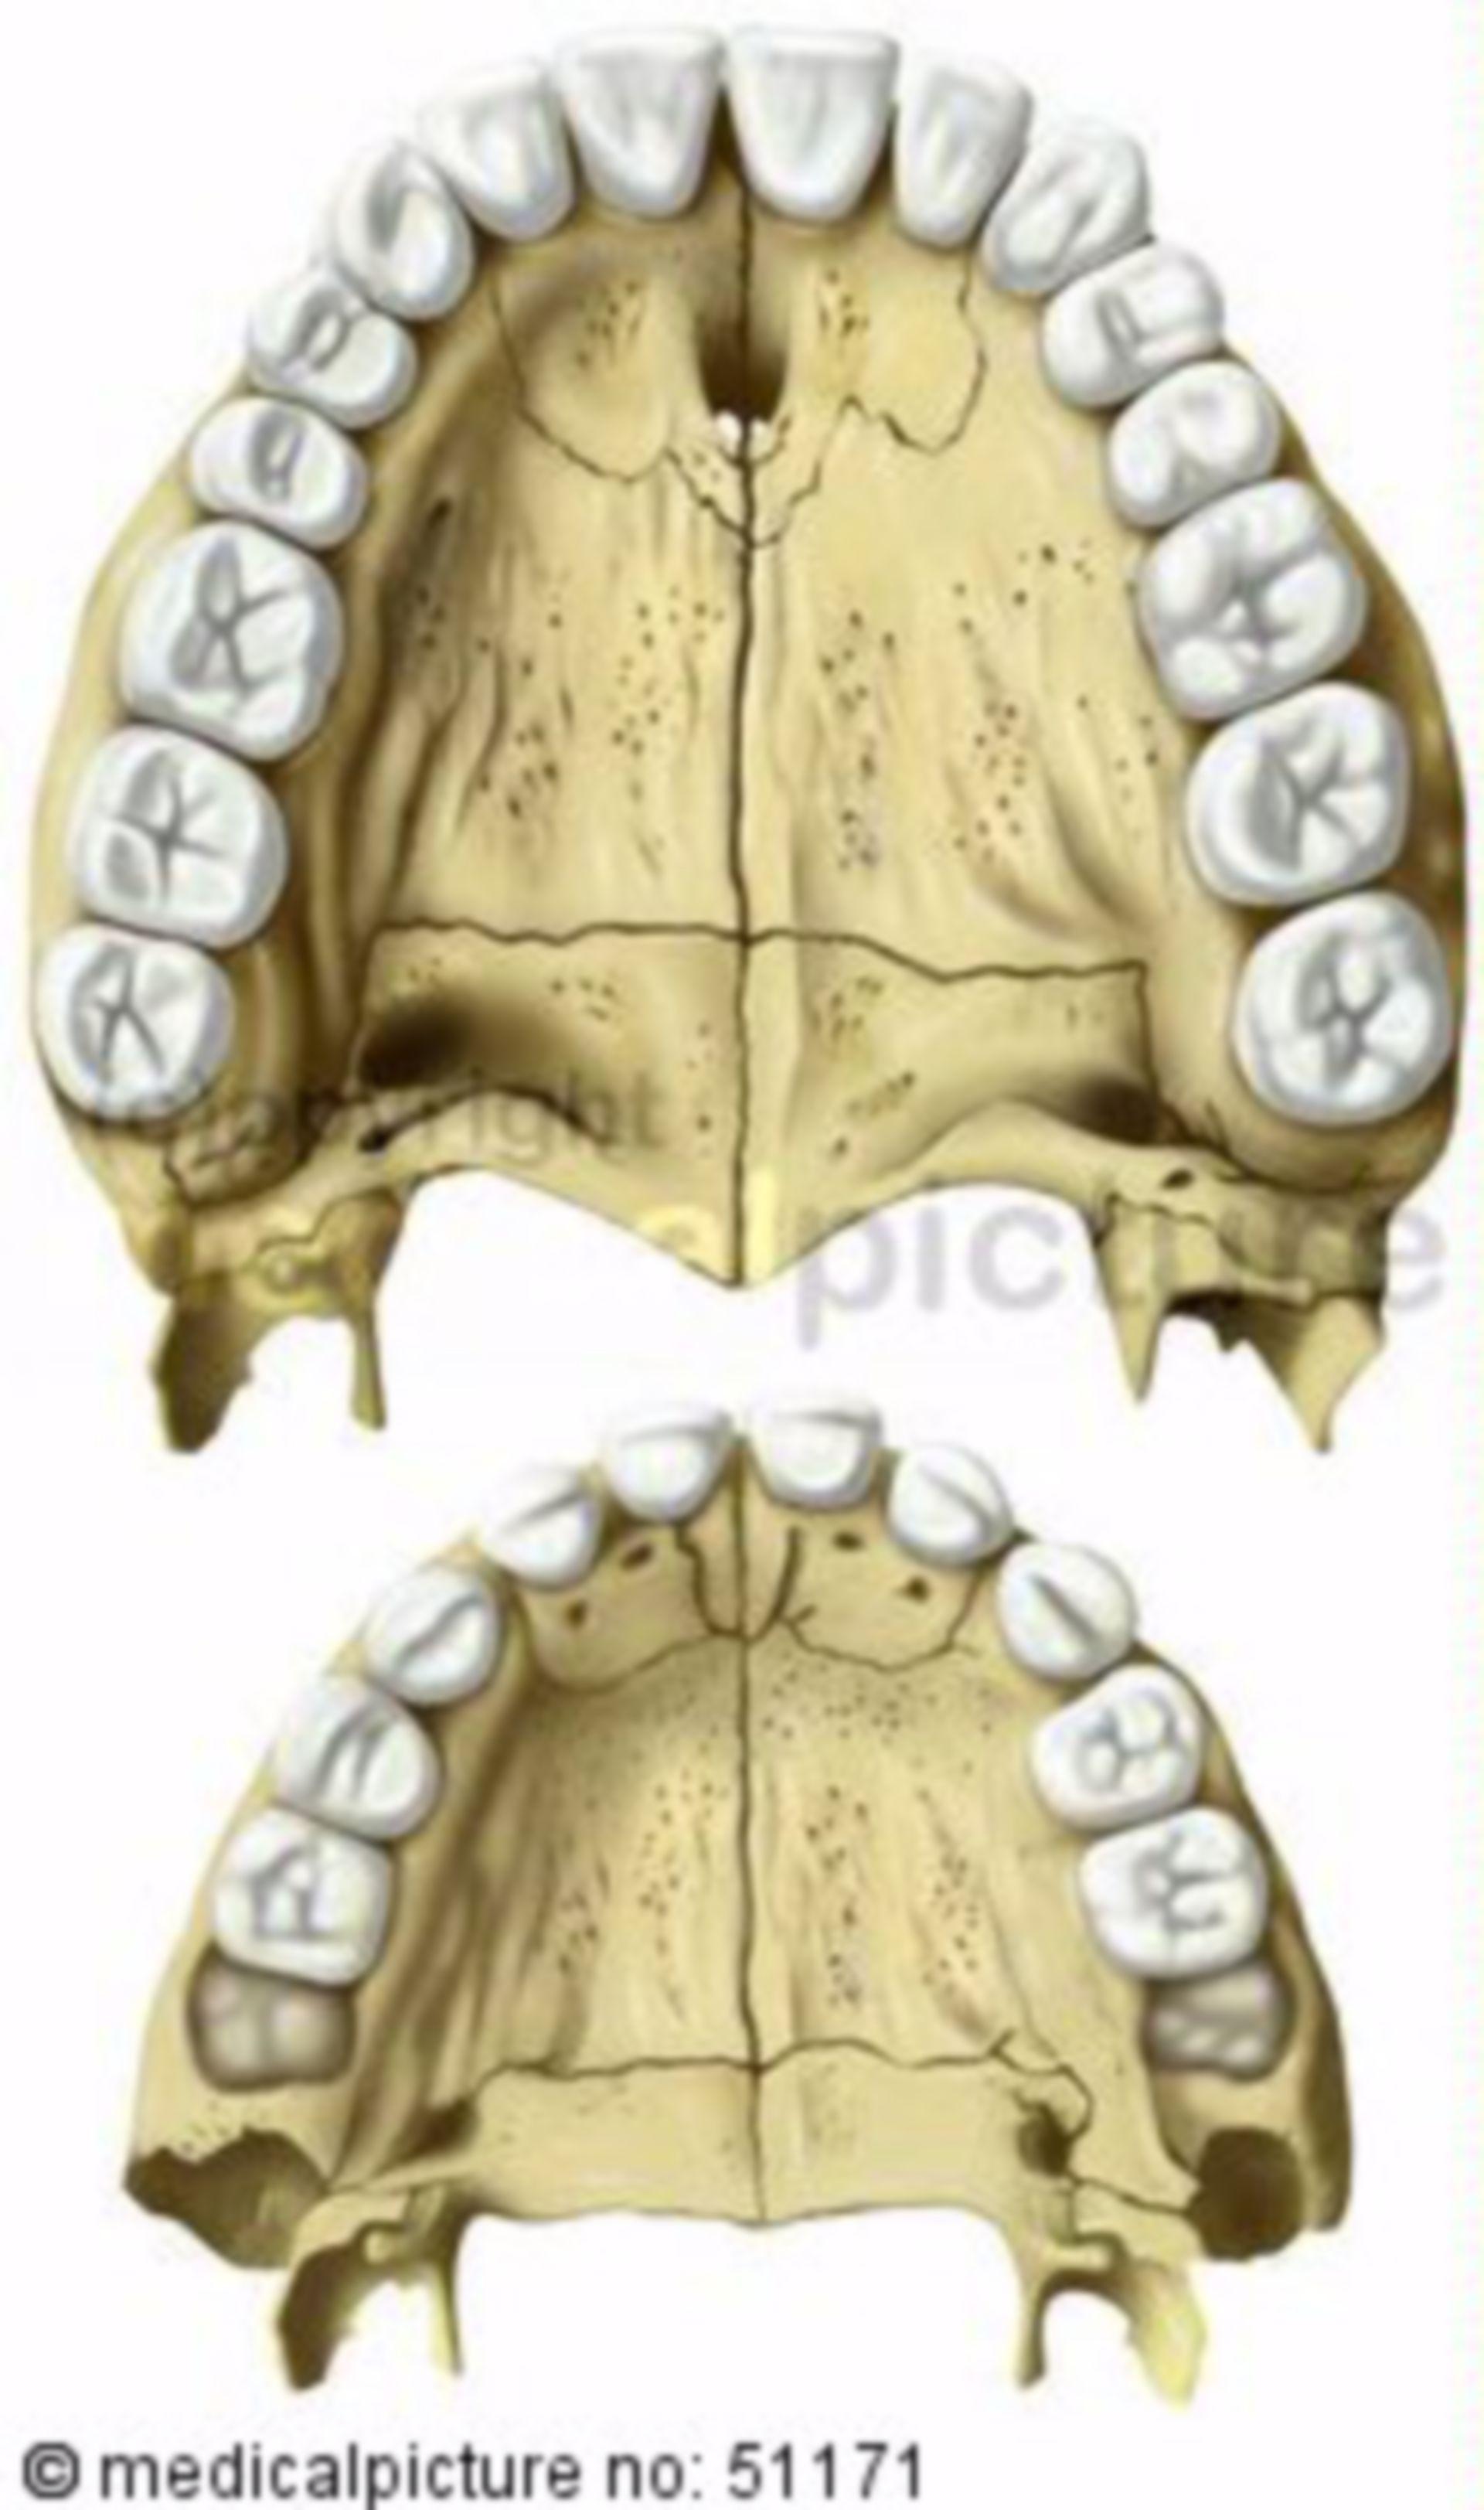 Obere Zahnreihe und Gaumen Erwachsener/Kind